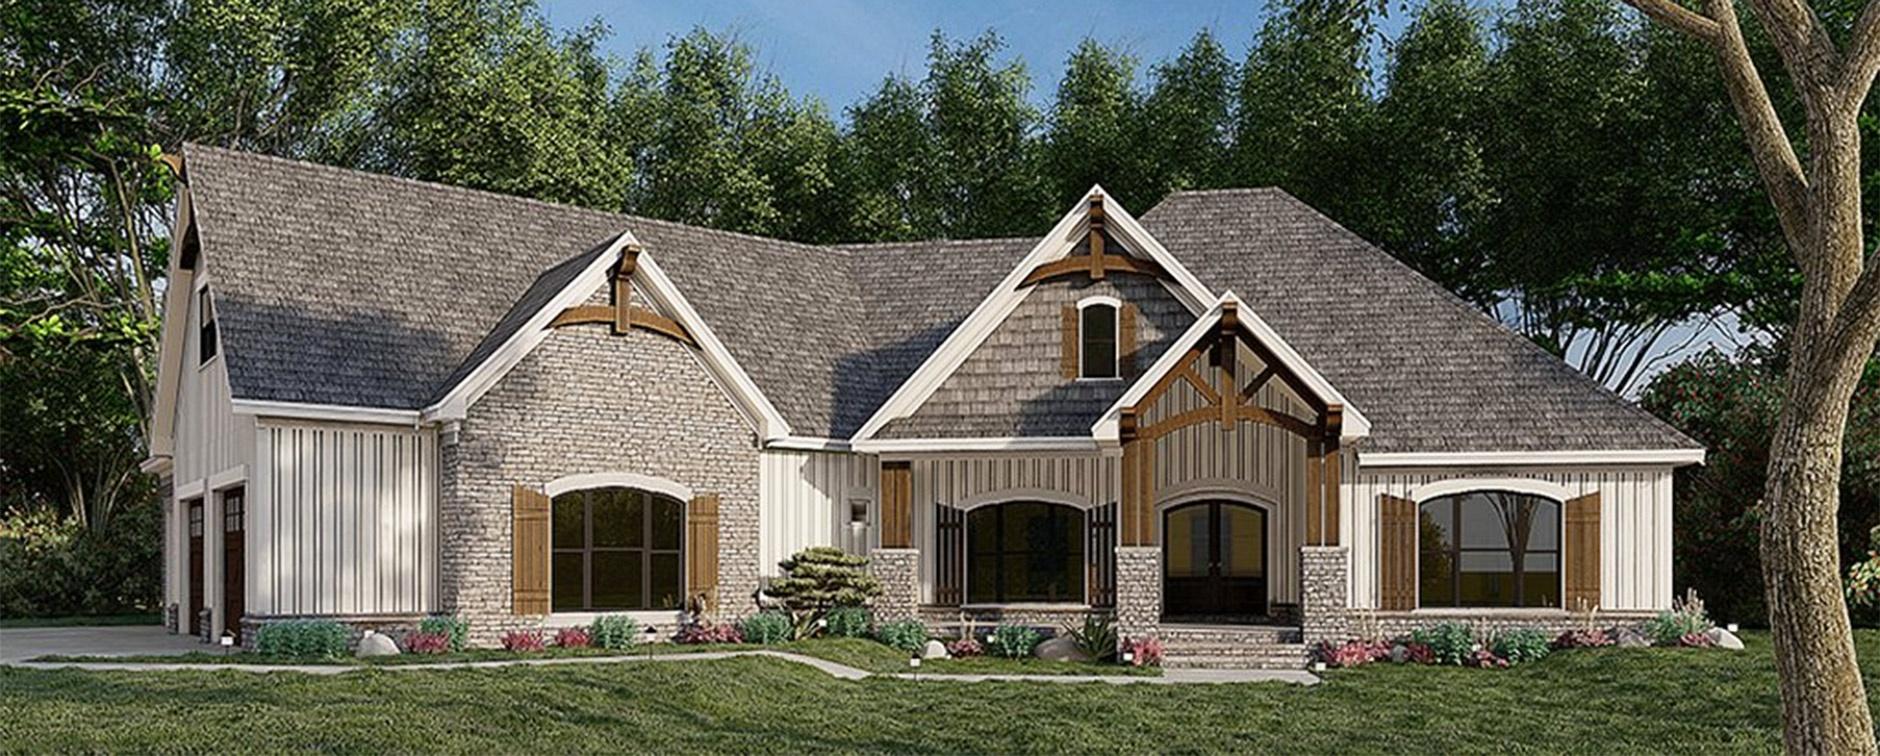 Explore Craftsman Ranch House Plans